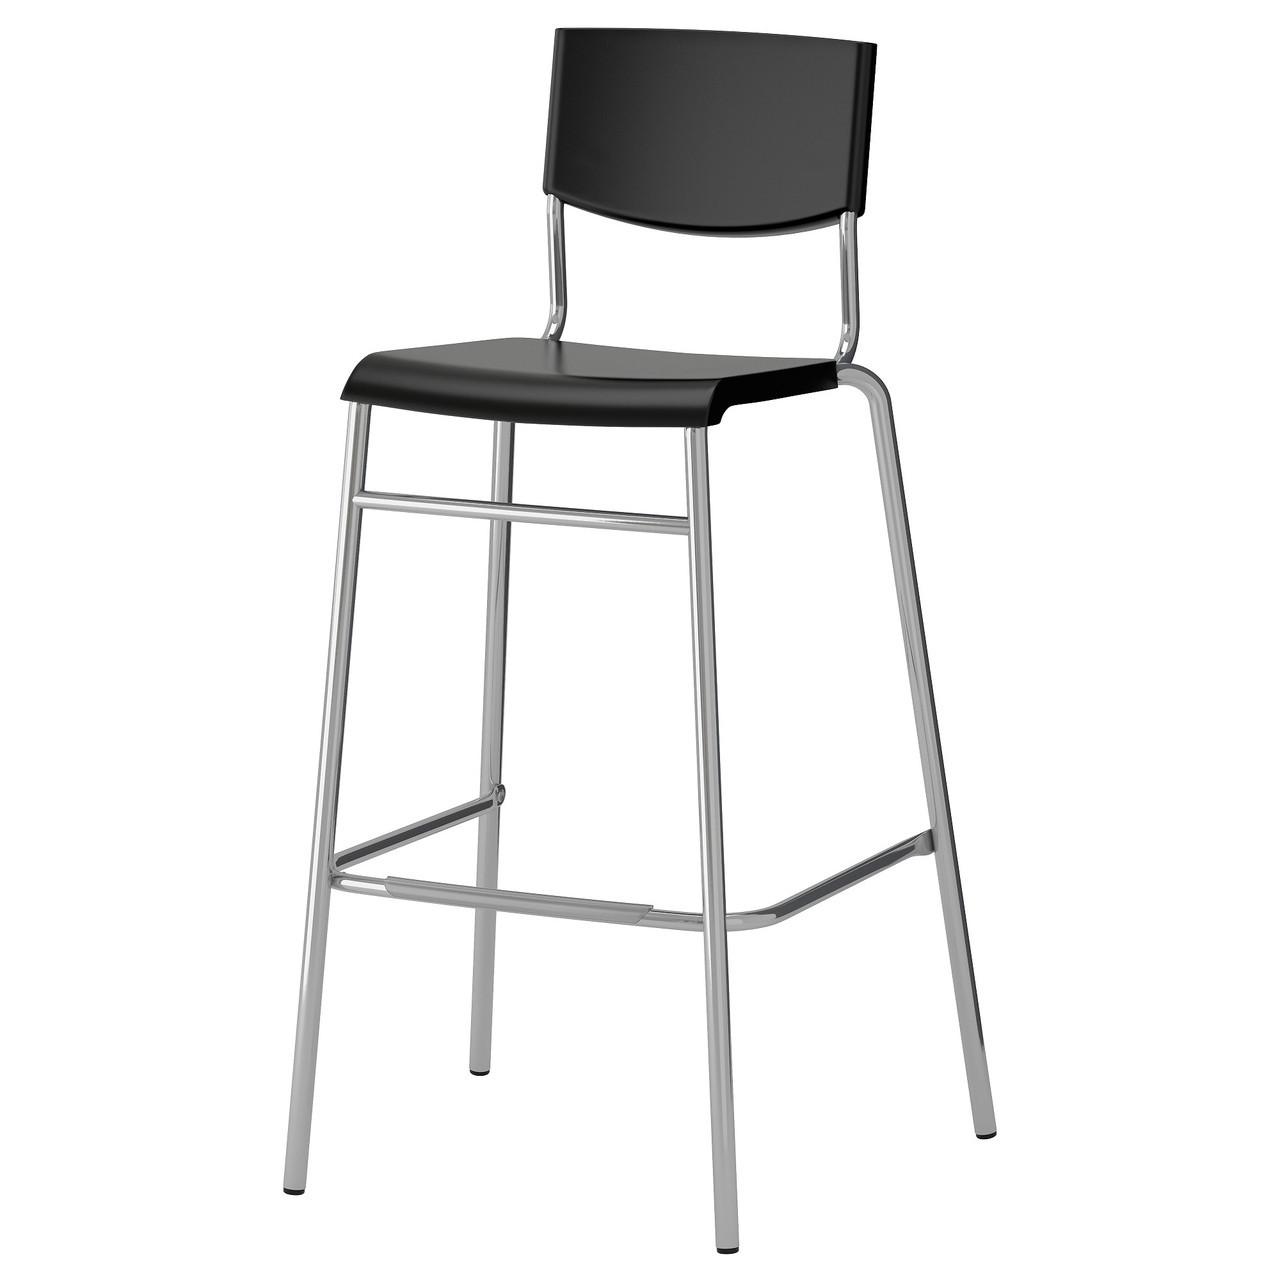 СТИГ Стул барный, черный/цвет алюминия, 74 см 80155205 IKEA, ИКЕА, STIG